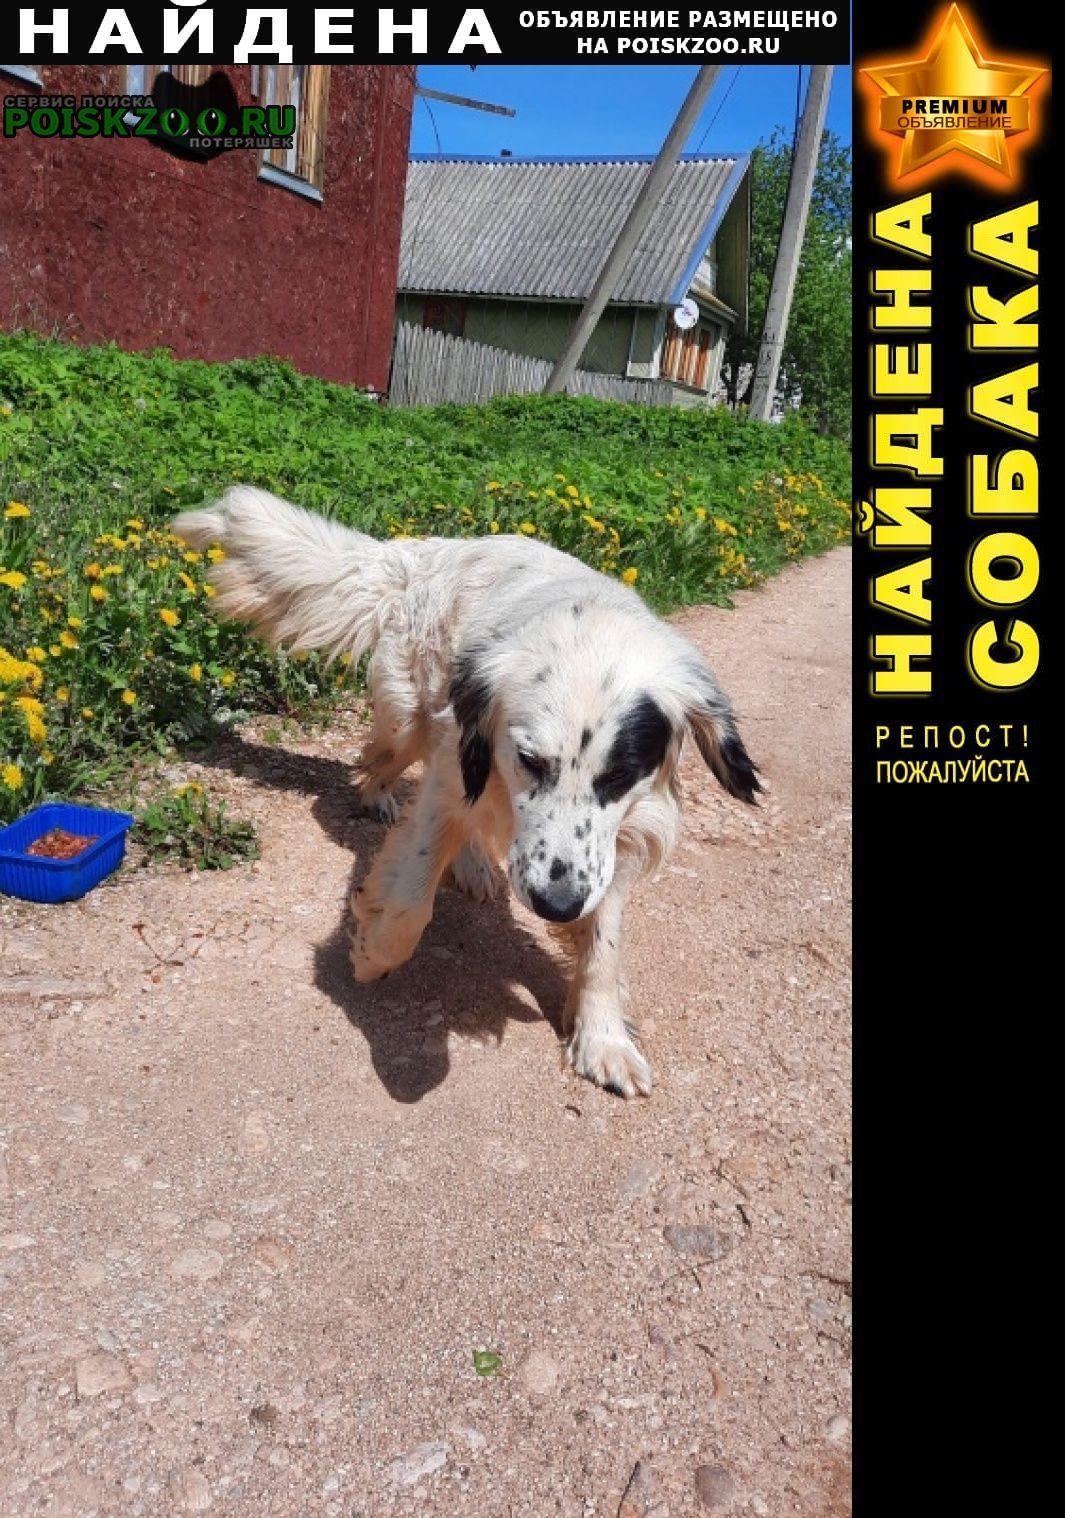 Найдена собака кобель Сольцы